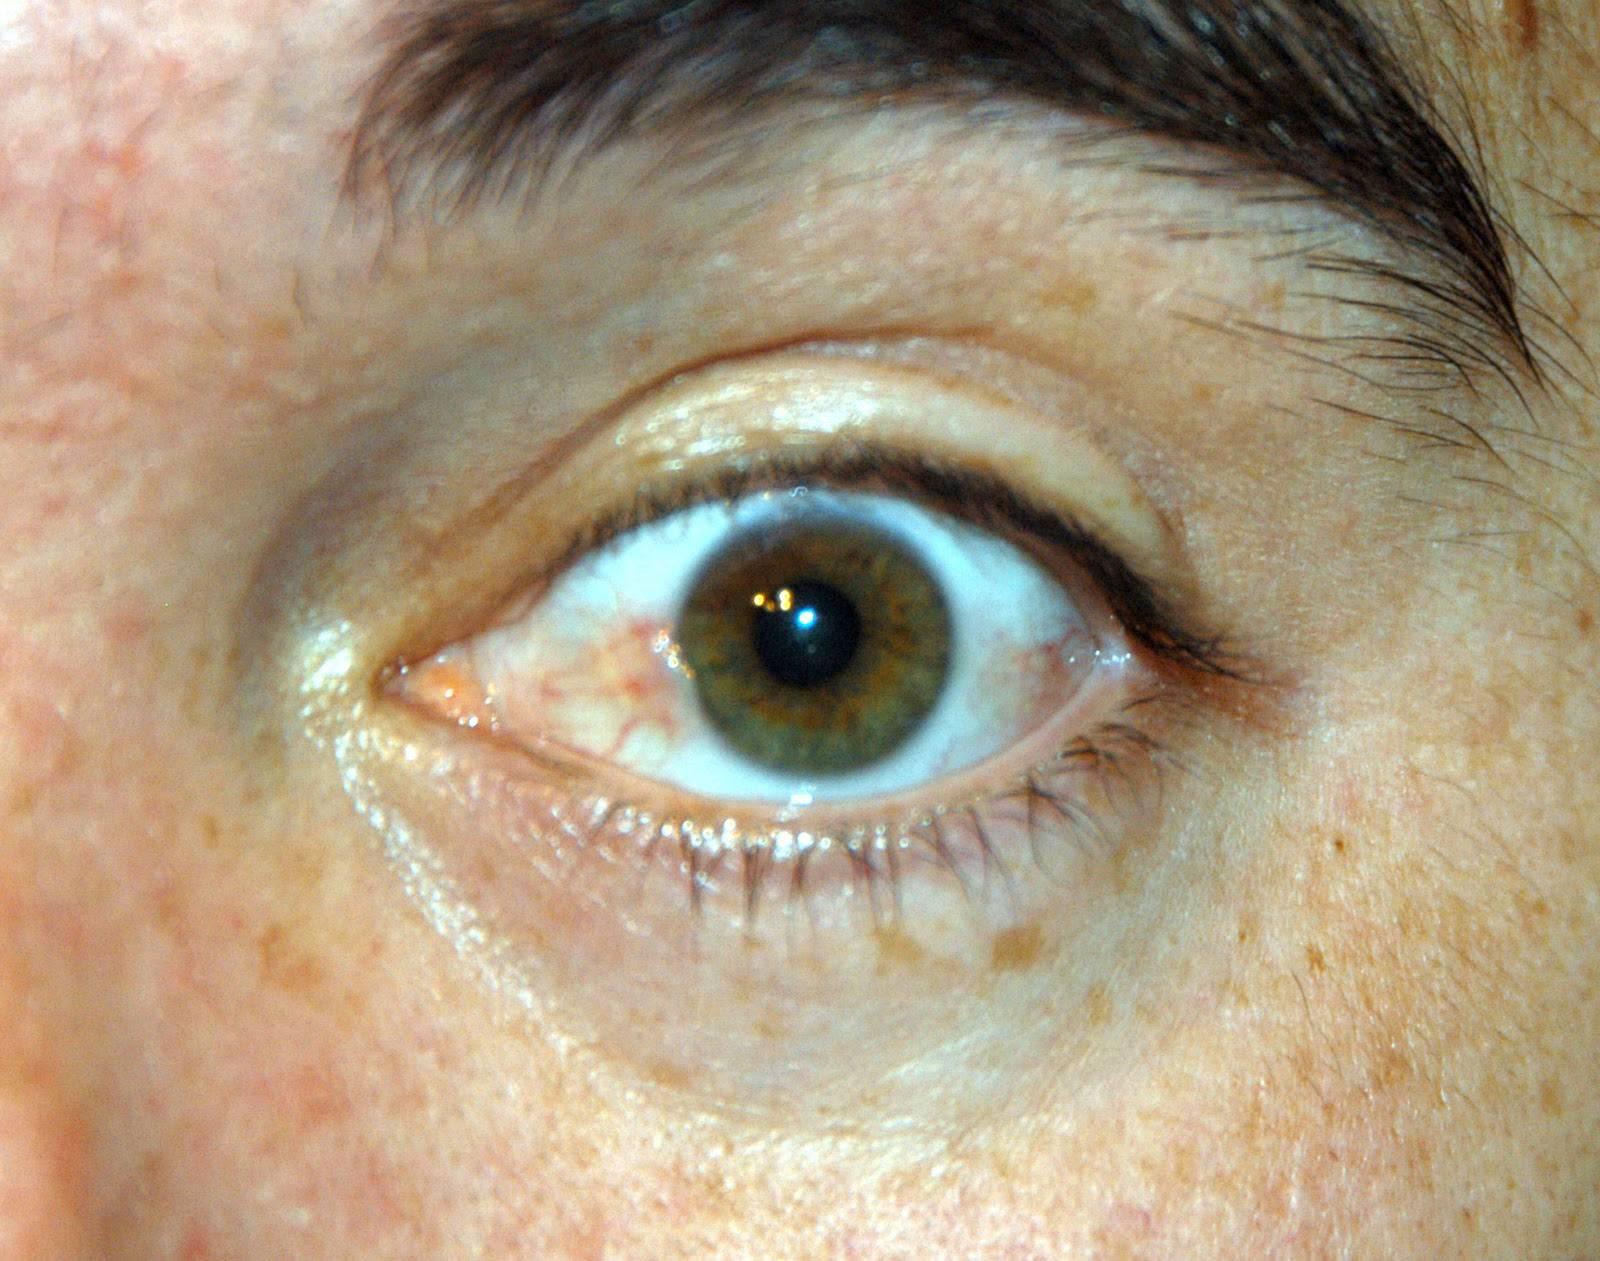 Птеригиум: лечение народными средствами, традиционная терапия для глаз